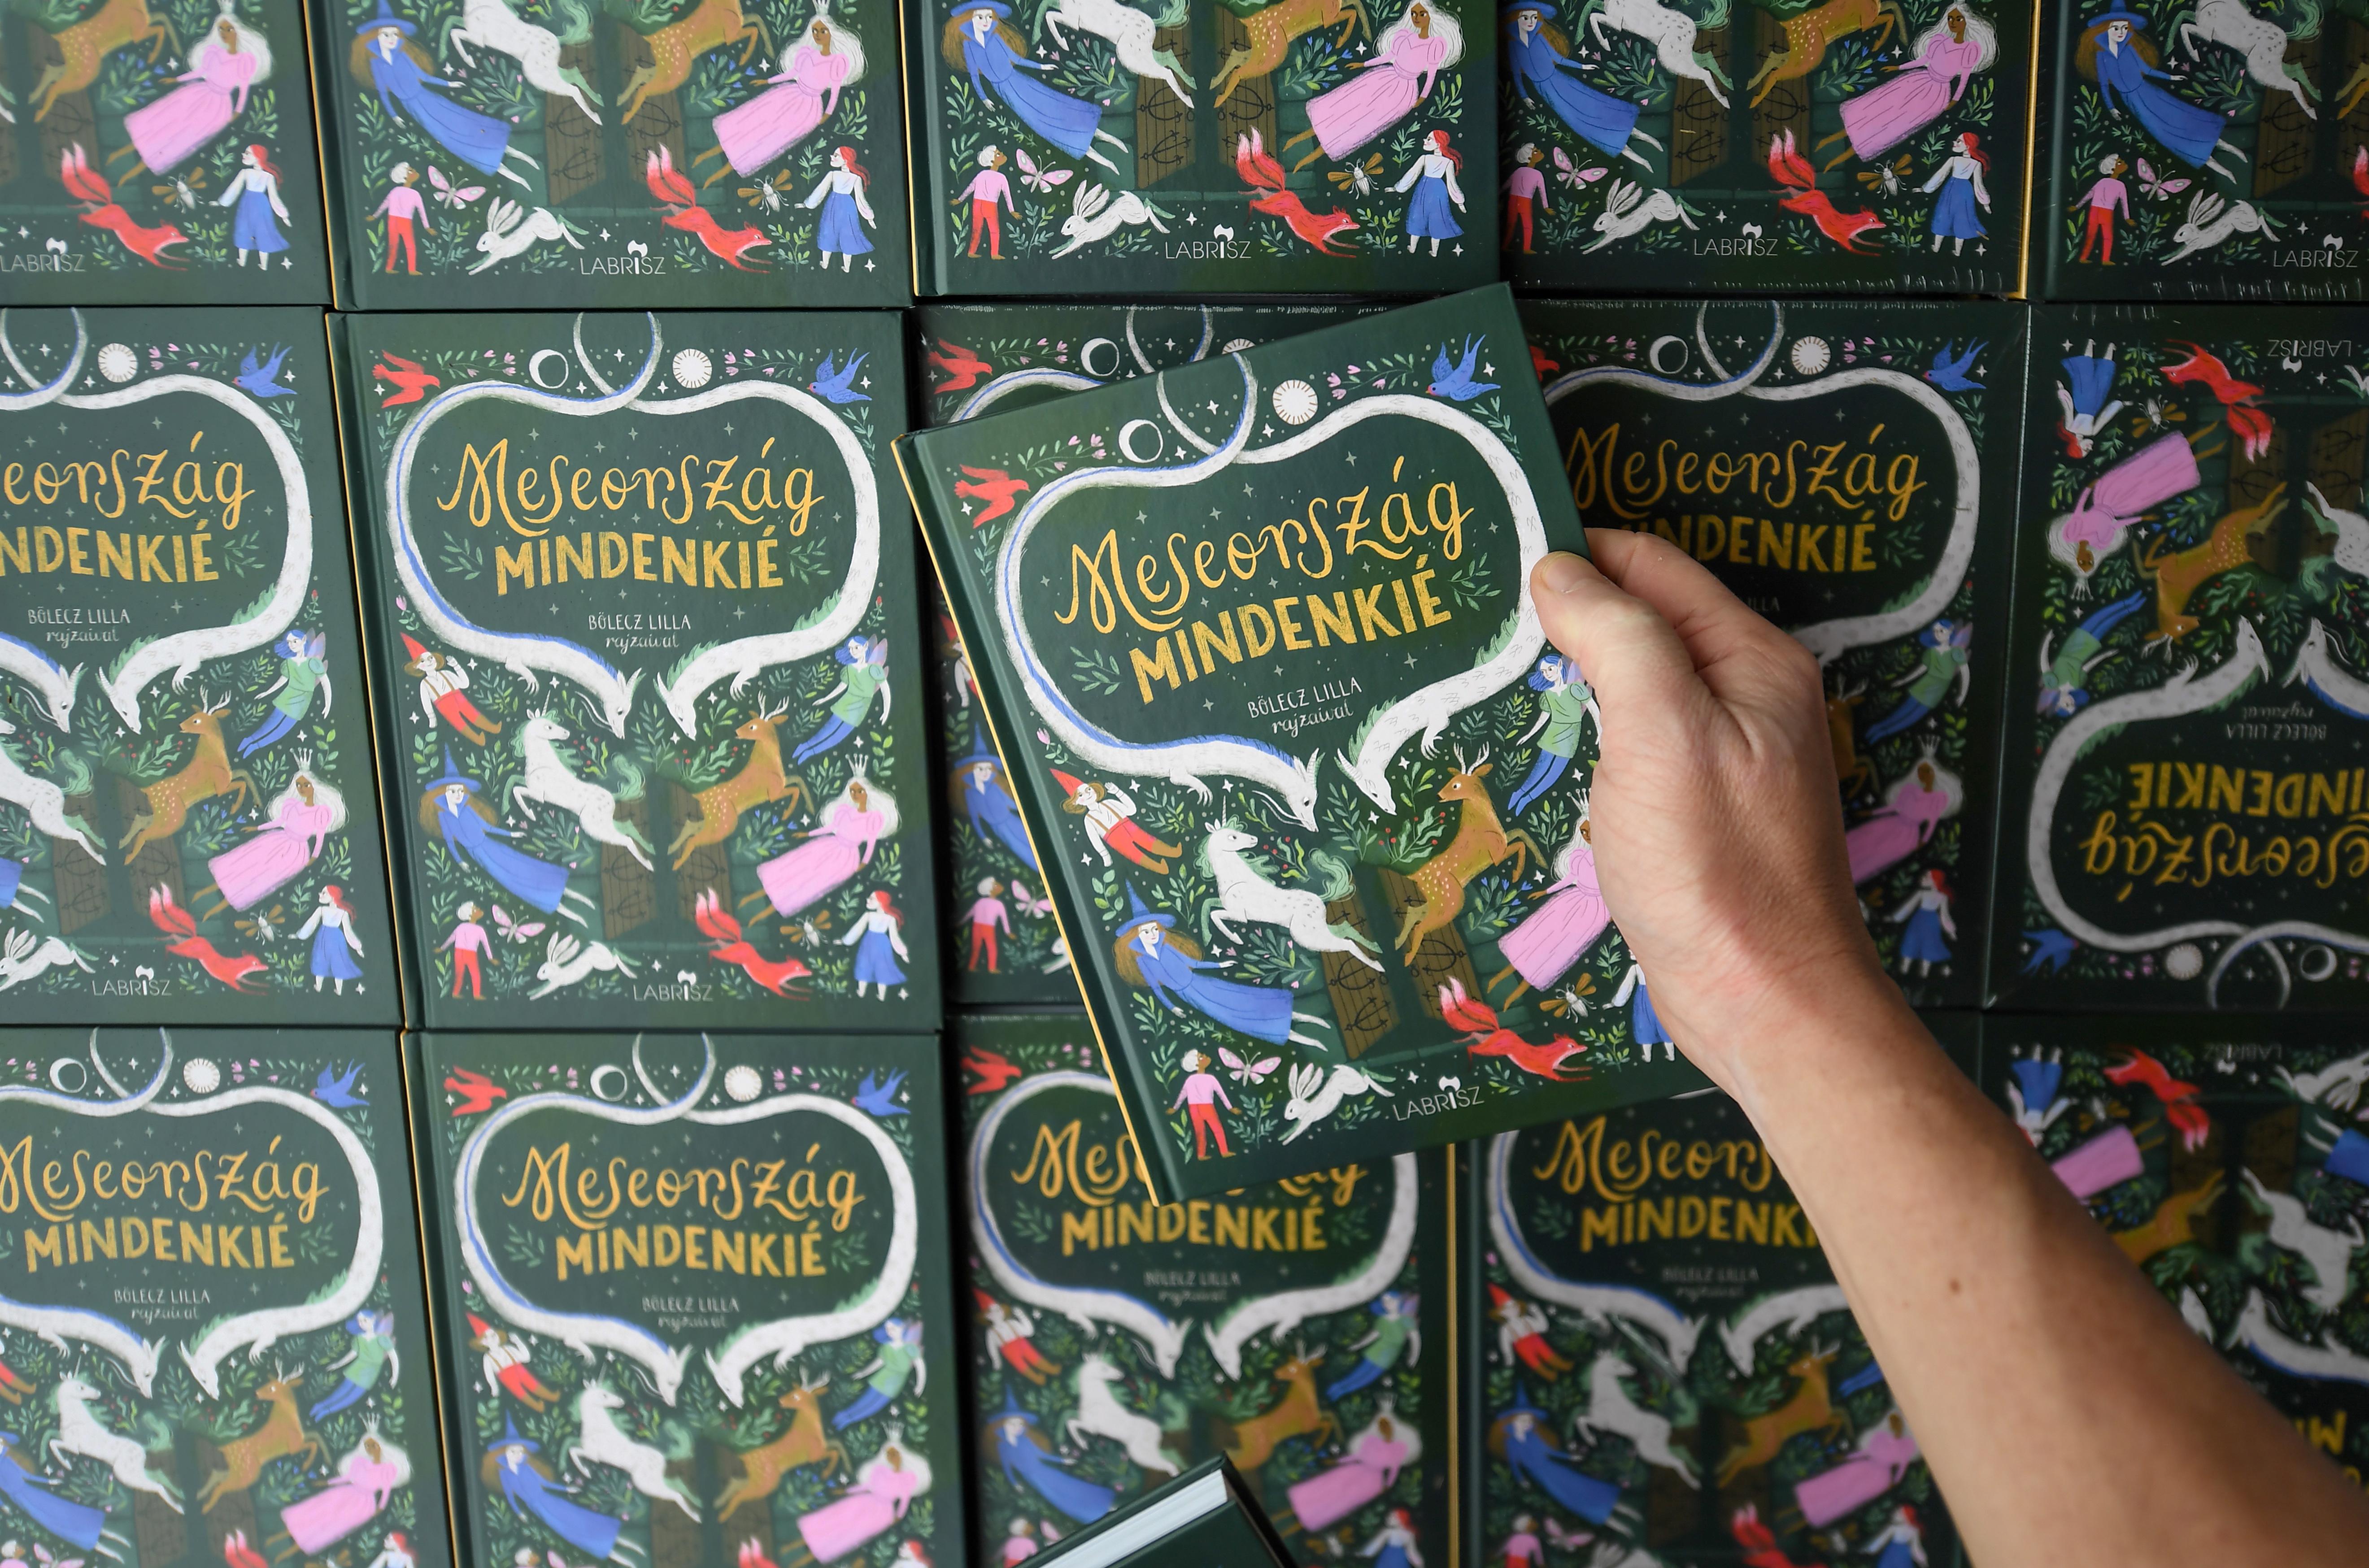 A budapesti kormányhivatal szerint tisztességtelen gyakorlat volt mesekönyvként árulni a Meseország Mindenkié című könyvet